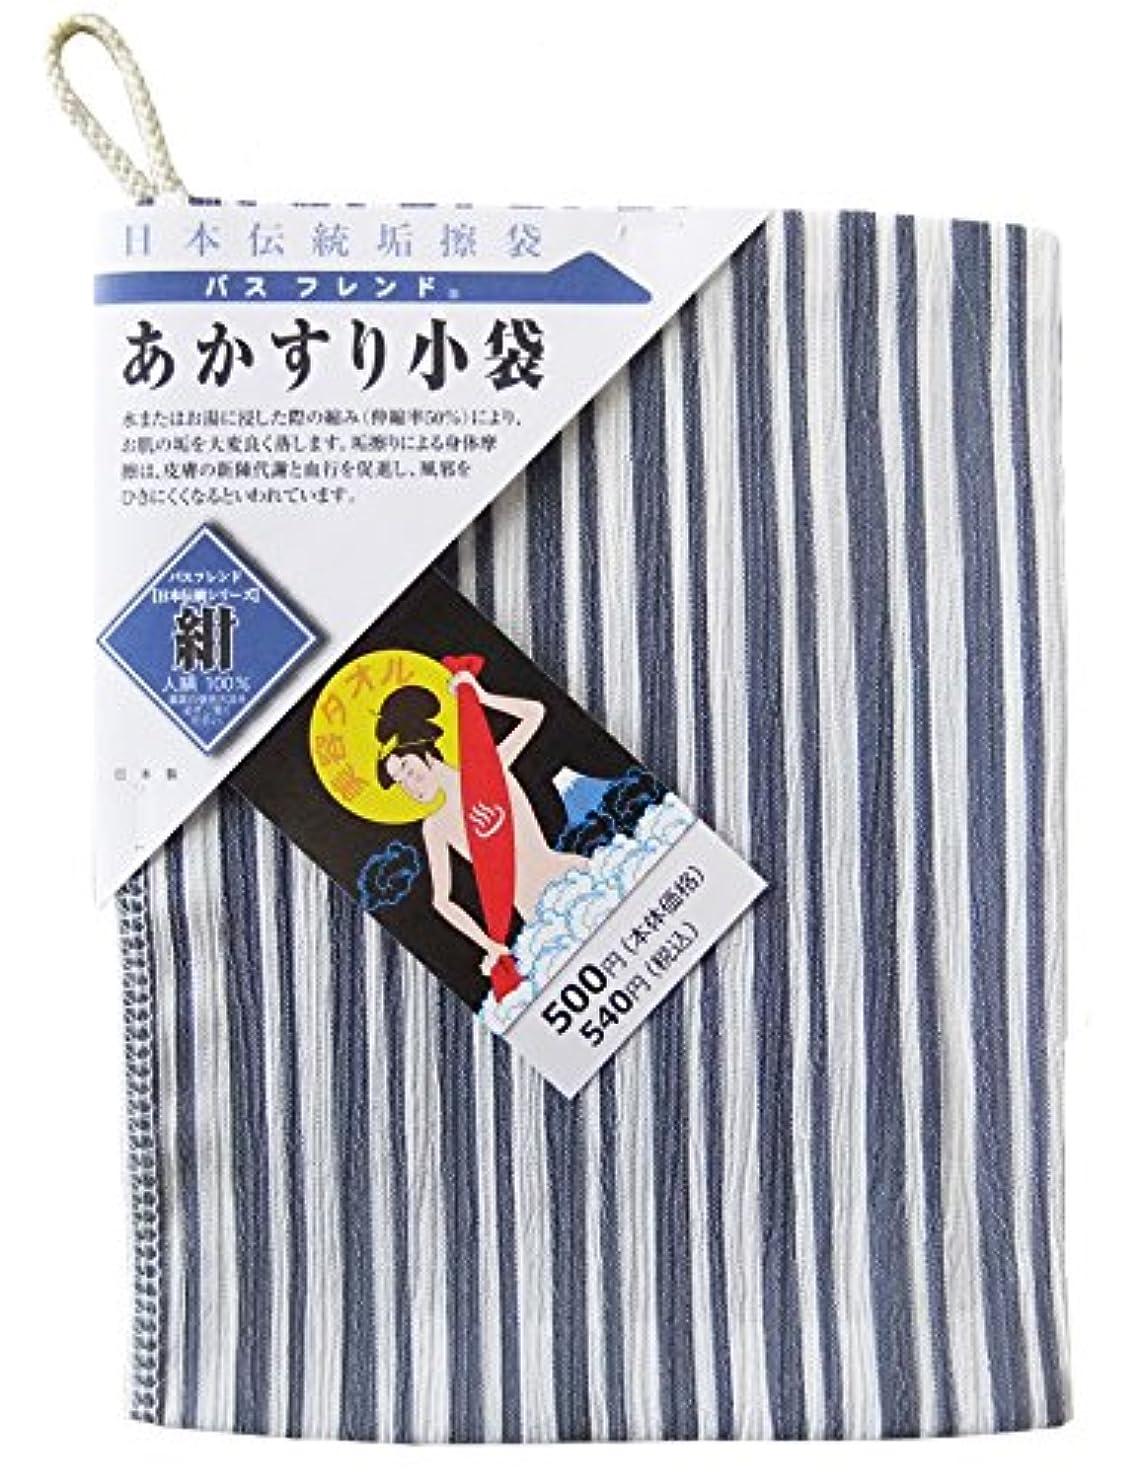 微妙平凡溶けた日本伝統 あかすり小袋 紺